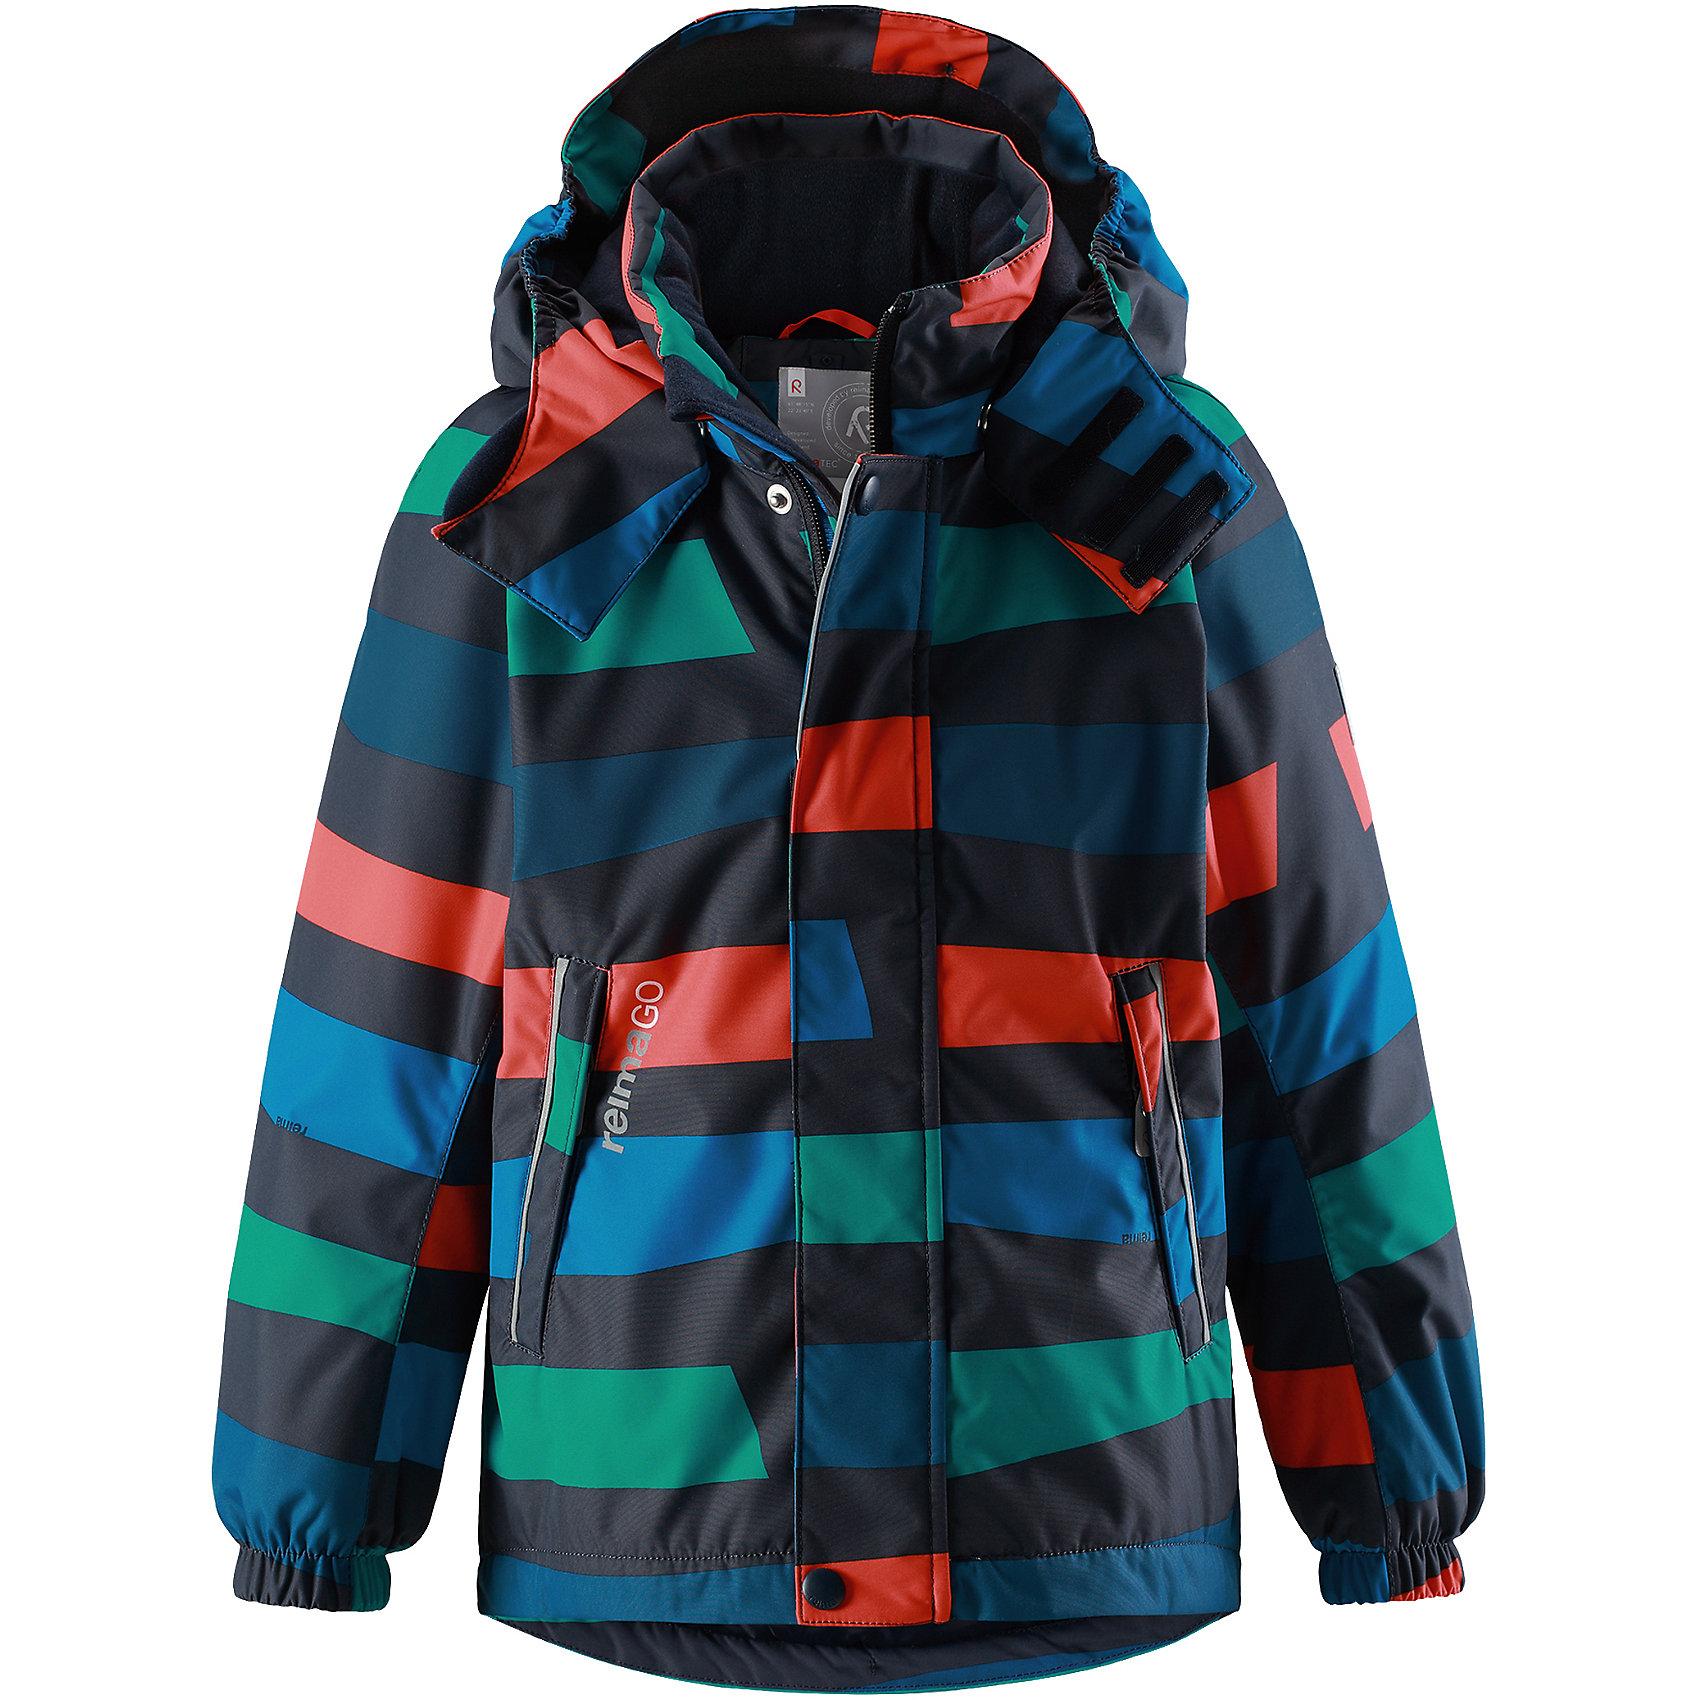 Куртка Reimatec® Reima Talik для мальчикаВерхняя одежда<br>Характеристики товара:<br><br>• цвет: синий;<br>• состав: 100% полиэстер;<br>• подкладка: 100% полиэстер;<br>• утеплитель: 160 г/м2<br>• температурный режим: от 0 до -20С;<br>• сезон: зима; <br>• водонепроницаемость: 15000 мм;<br>• воздухопроницаемость: 7000 мм;<br>• износостойкость: 35000 циклов (тест Мартиндейла);<br>• водо- и ветронепроницаемый, дышащий и грязеотталкивающий материал;<br>• все швы проклеены и водонепроницаемы;<br>• гладкая подкладка из полиэстера;<br>• эластичные манжеты;<br>• застежка: молния с защитой подбородка;<br>• безопасный съемный и регулируемый капюшон на кнопках;<br>• регулируемый подол;<br>• два кармана на молнии;<br>• внутренний нагрудный карман;<br>• карман с креплением для сенсора ReimaGO®;<br>• светоотражающие детали;<br>• страна бренда: Финляндия;<br>• страна изготовитель: Китай.<br><br>Детская непромокаемая зимняя куртка Reimatec® изготовлена из водо и ветронепроницаемого, дышащего и прочного материала. Эффективно отталкивает грязь. Все швы проклеены, водонепроницаемы. В этой модели просторного кроя подол легко регулируется, что позволяет подогнать куртку точно по фигуре. <br><br>Съемный и регулируемый капюшон защищает от пронизывающего ветра и проливного дождя, а еще он безопасен во время игр на свежем воздухе. С помощью удобной системы кнопок Play Layers® к этой куртке можно присоединять одежду промежуточного слоя Reima®, которая подарит вашему ребенку дополнительное тепло и комфорт. <br><br>В куртке предусмотрены эластичные манжеты, два кармана на молнии, внутренний нагрудный карман, карман для сенсора ReimaGO® и множество светоотражающих деталей. Эта куртка очень проста в уходе, кроме того, ее можно сушить в стиральной машине.<br><br>Куртку Talik Reimatec® Reima от финского бренда Reima (Рейма) можно купить в нашем интернет-магазине.<br><br>Ширина мм: 356<br>Глубина мм: 10<br>Высота мм: 245<br>Вес г: 519<br>Цвет: синий<br>Возраст от месяцев: 36<br>Возраст до месяцев: 4